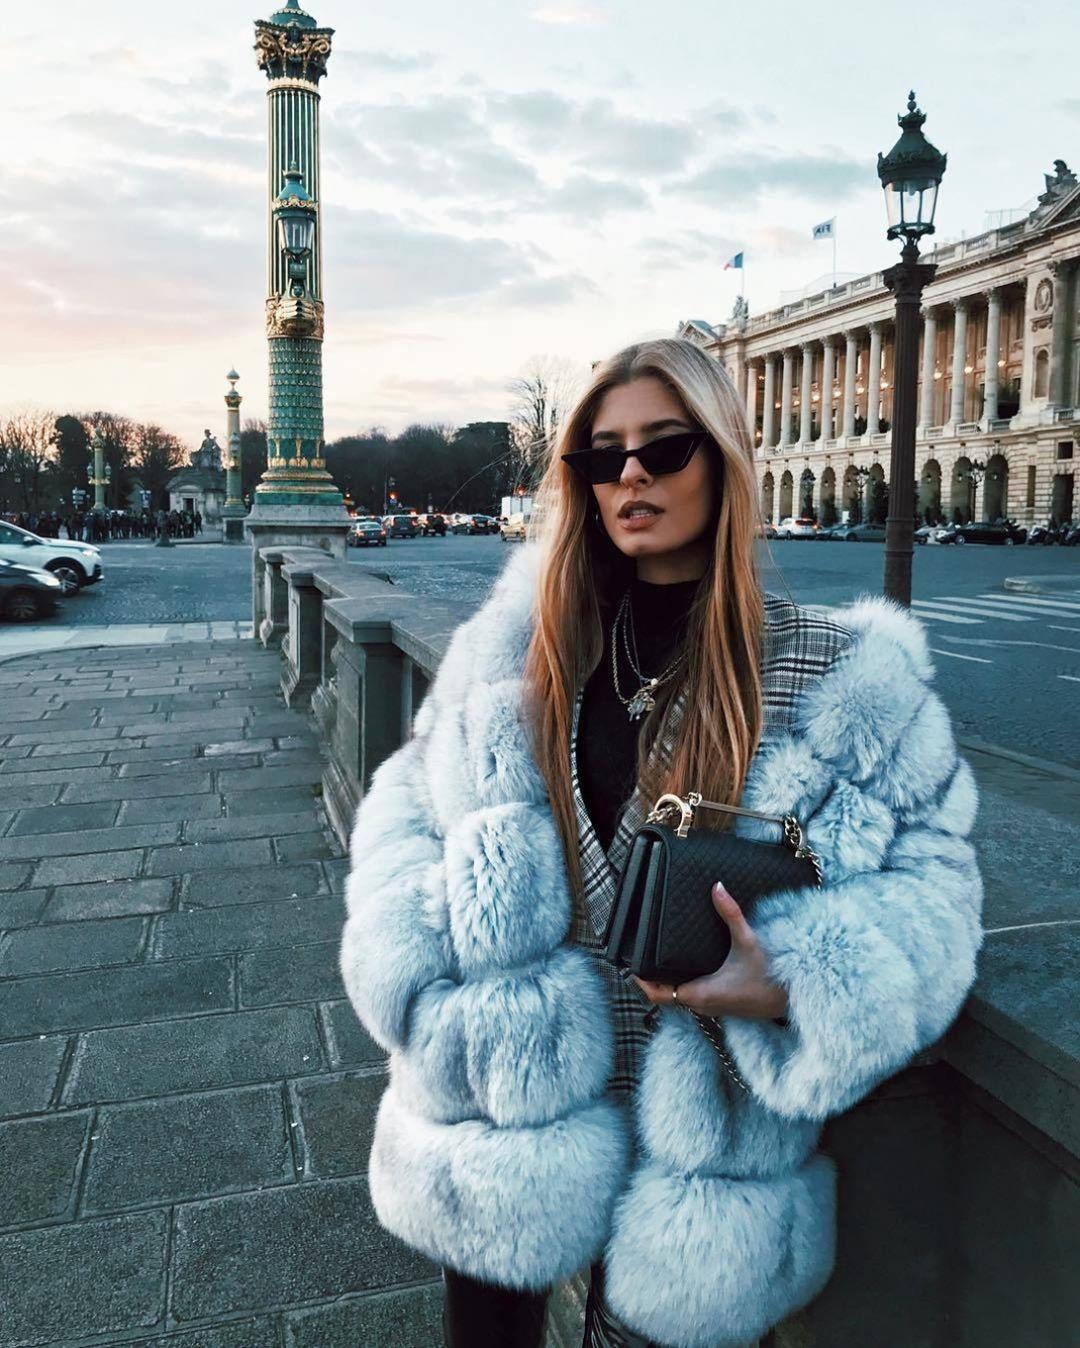 Холод стилю — не помеха: 10 ярких решений для теплых образов